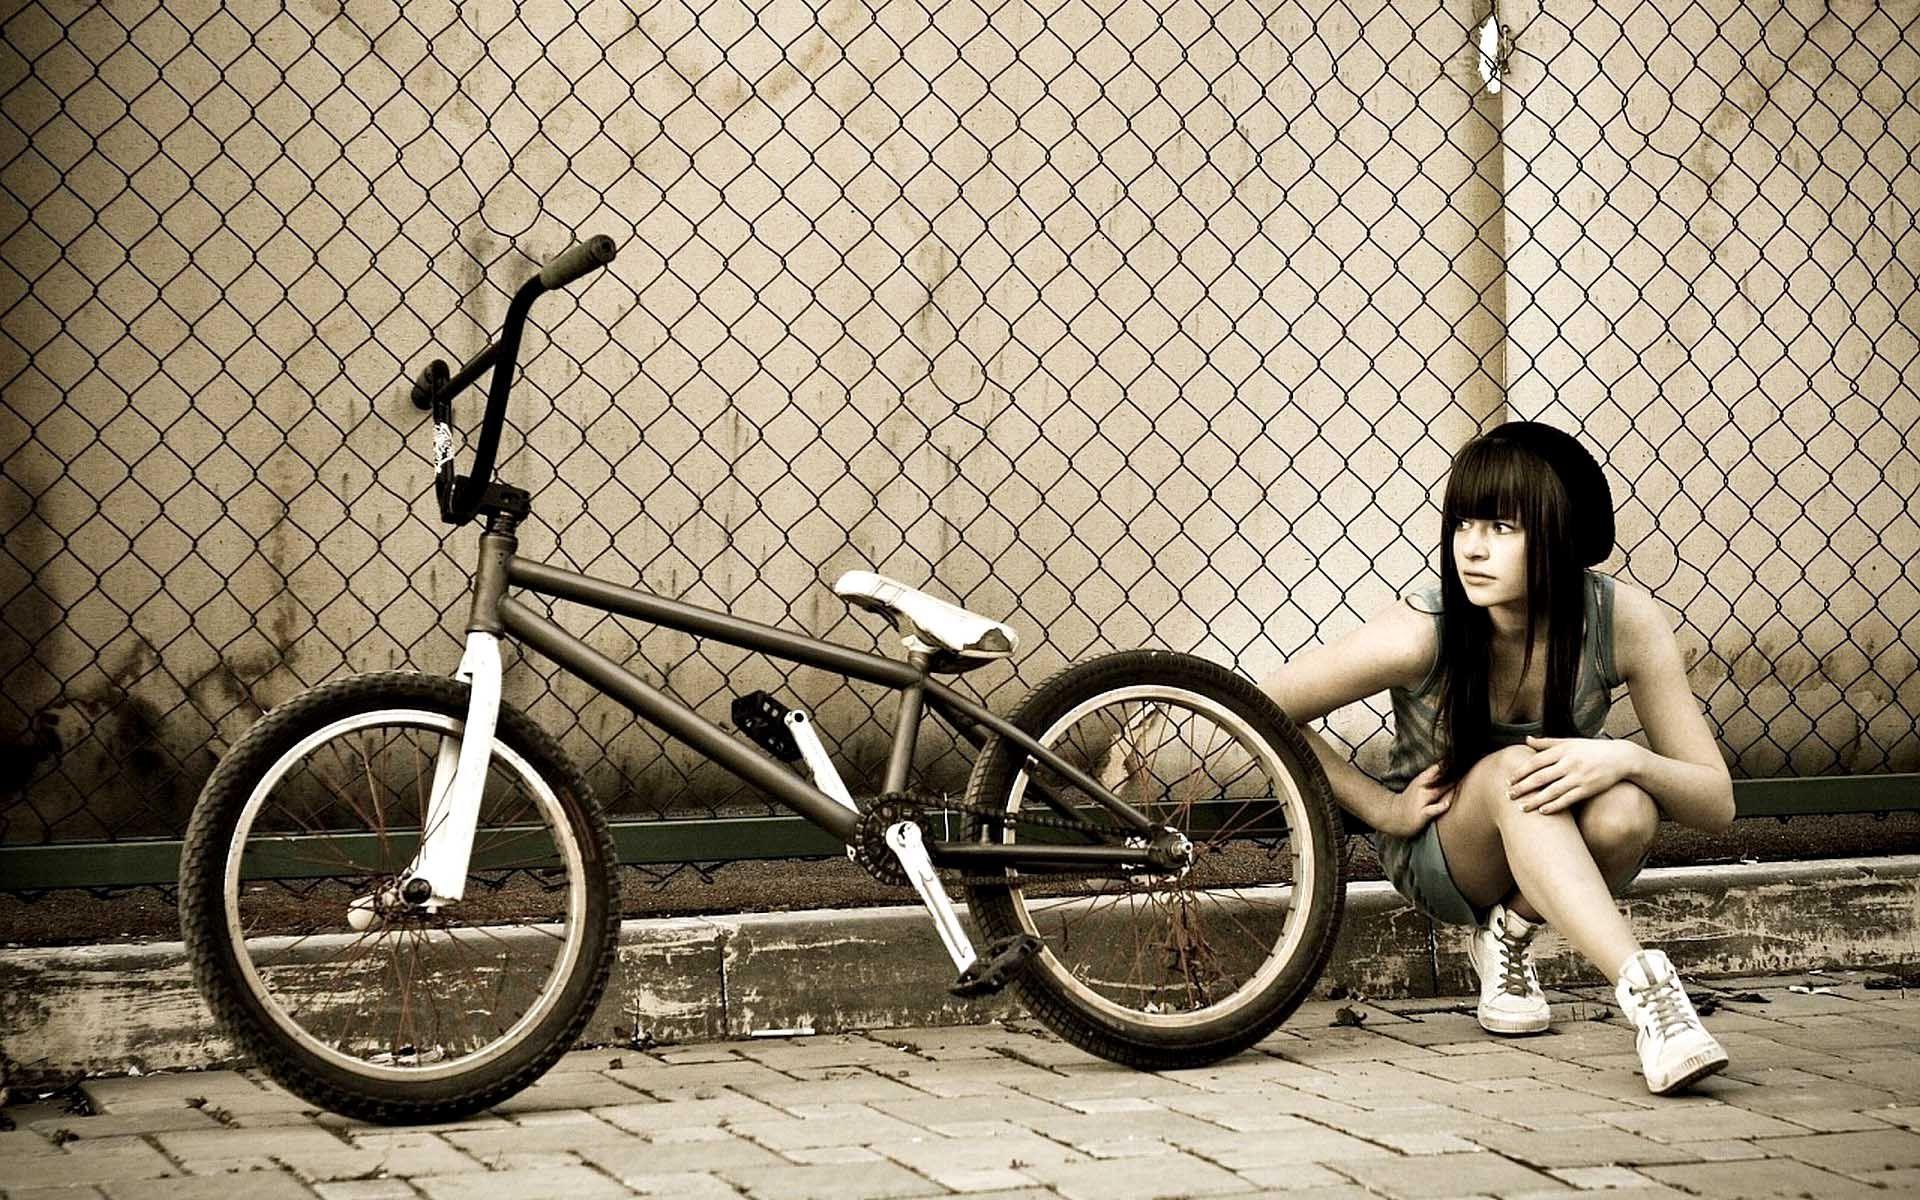 Cute girl and bmx wallpaper sport pinterest cute girl and bmx wallpaper voltagebd Gallery